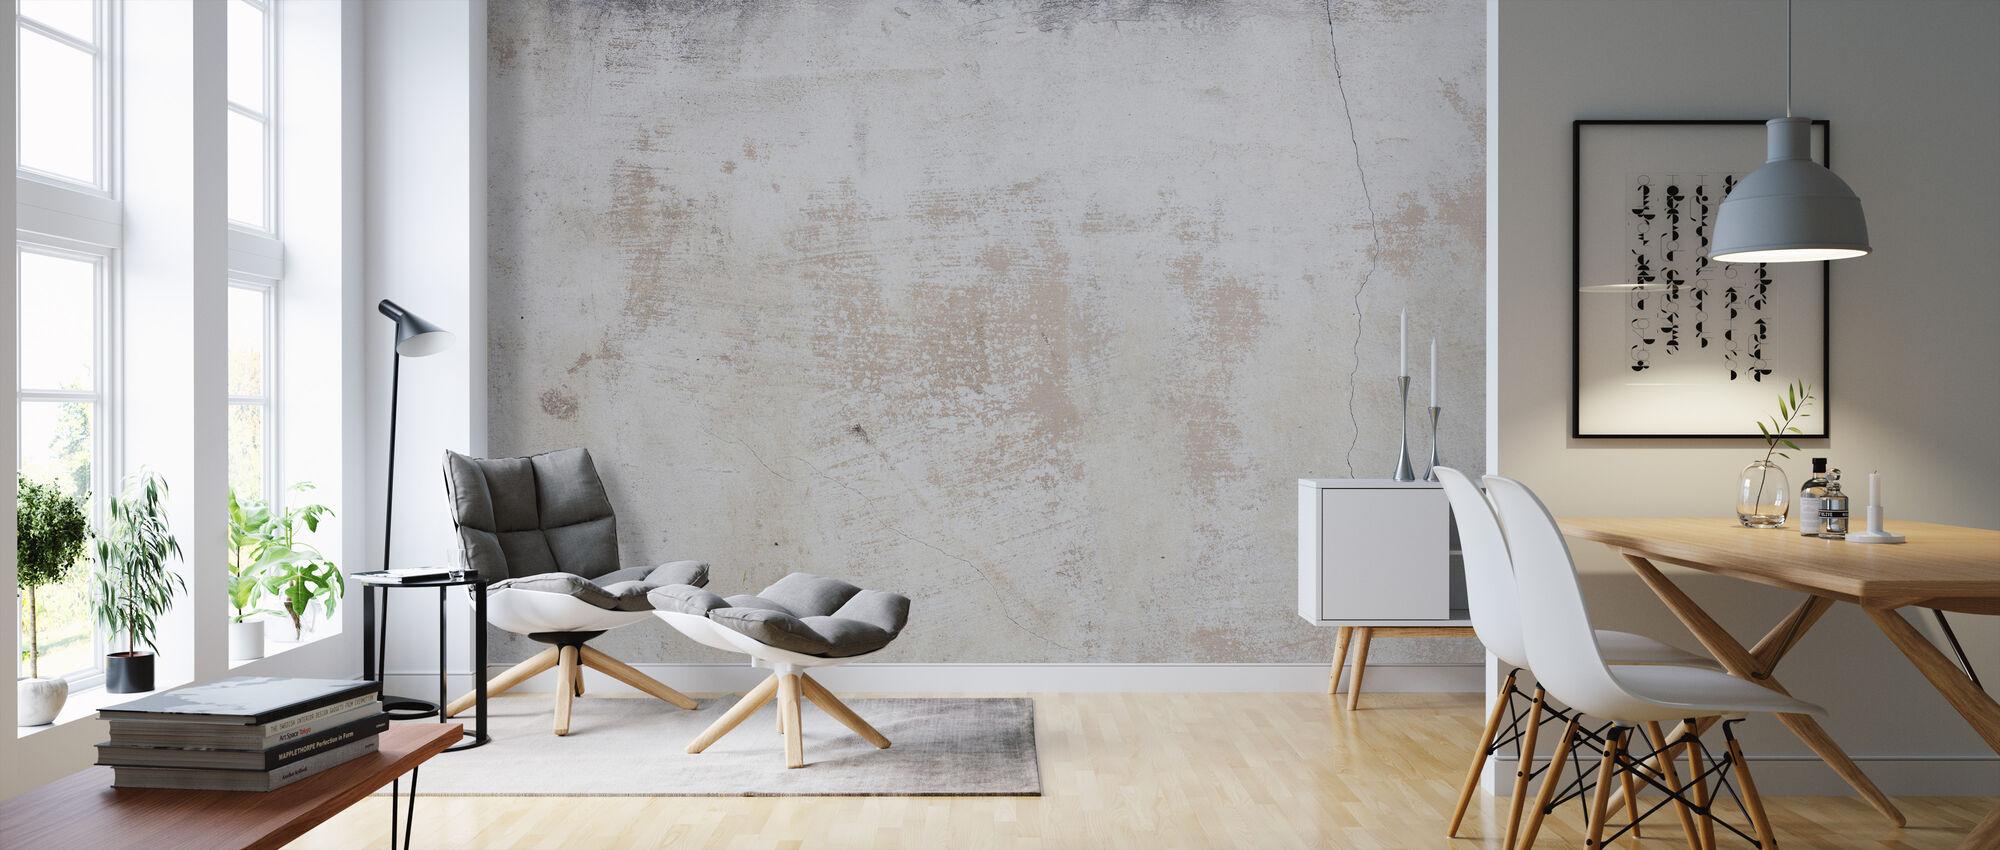 Frayed Wall - Wallpaper - Living Room